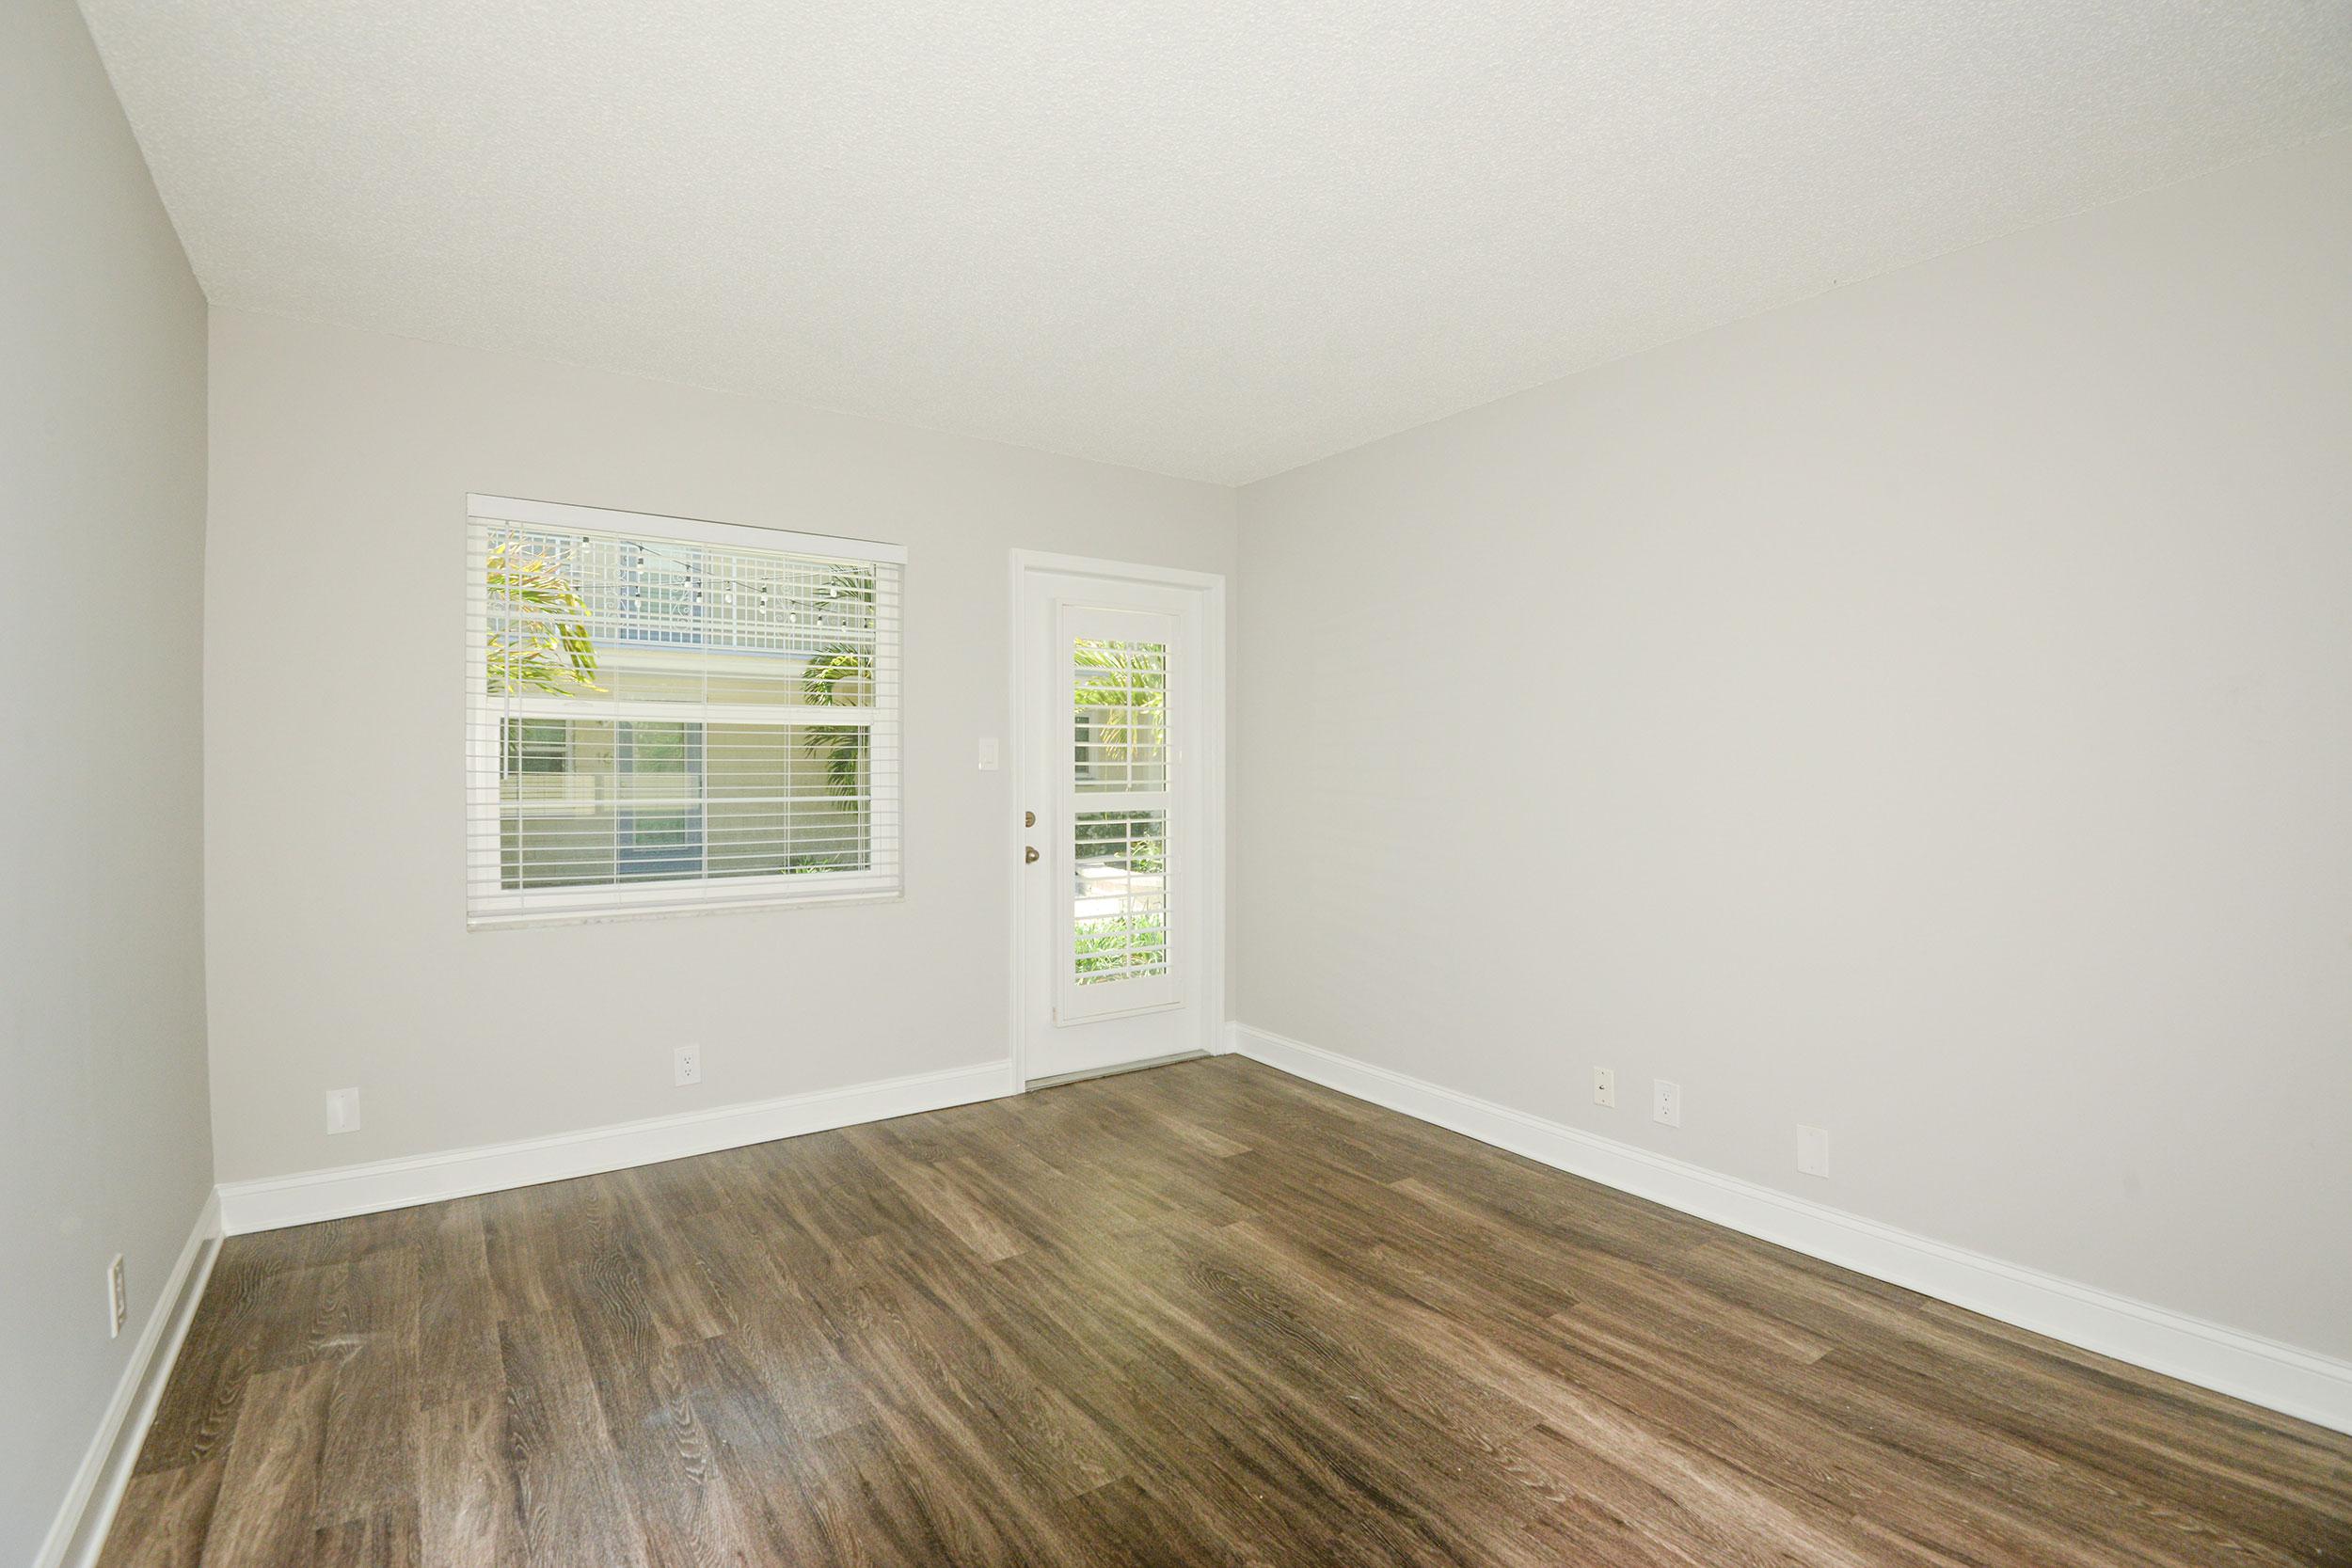 Brf-living-room